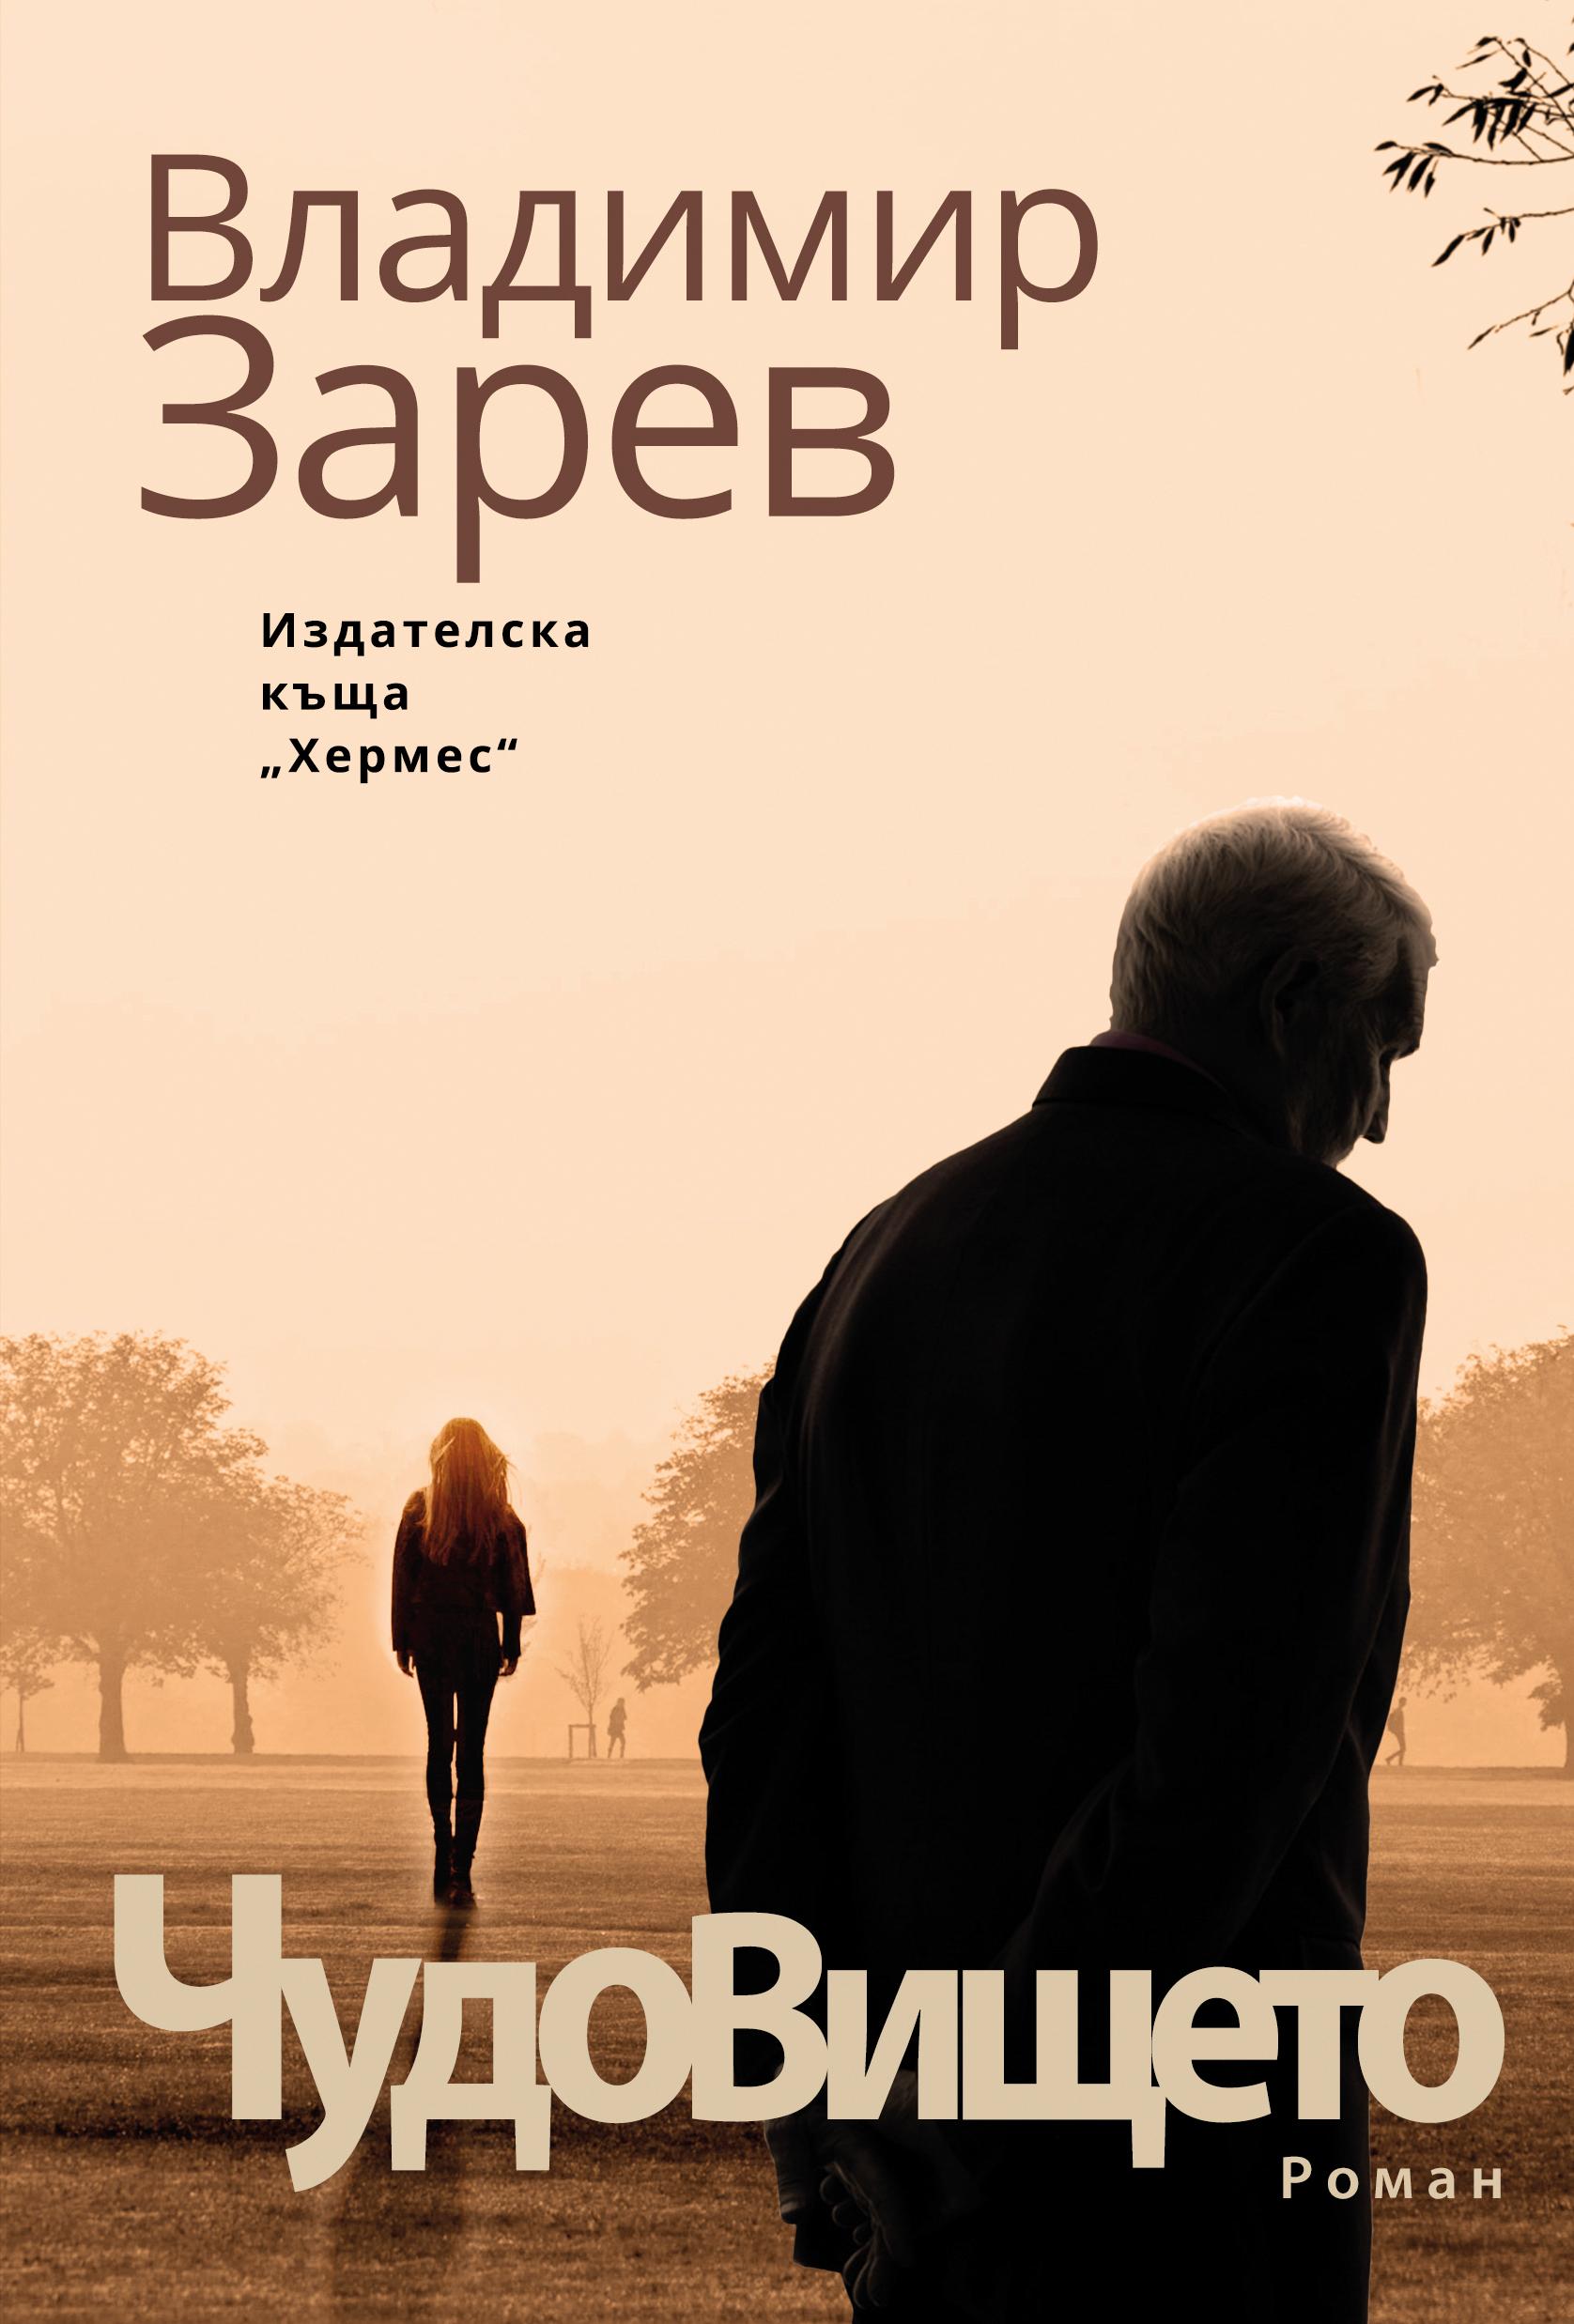 """Рецензия: """"Чудовището"""", Владимир Зарев - роман за чудовищата на паметта, личността, обществото"""